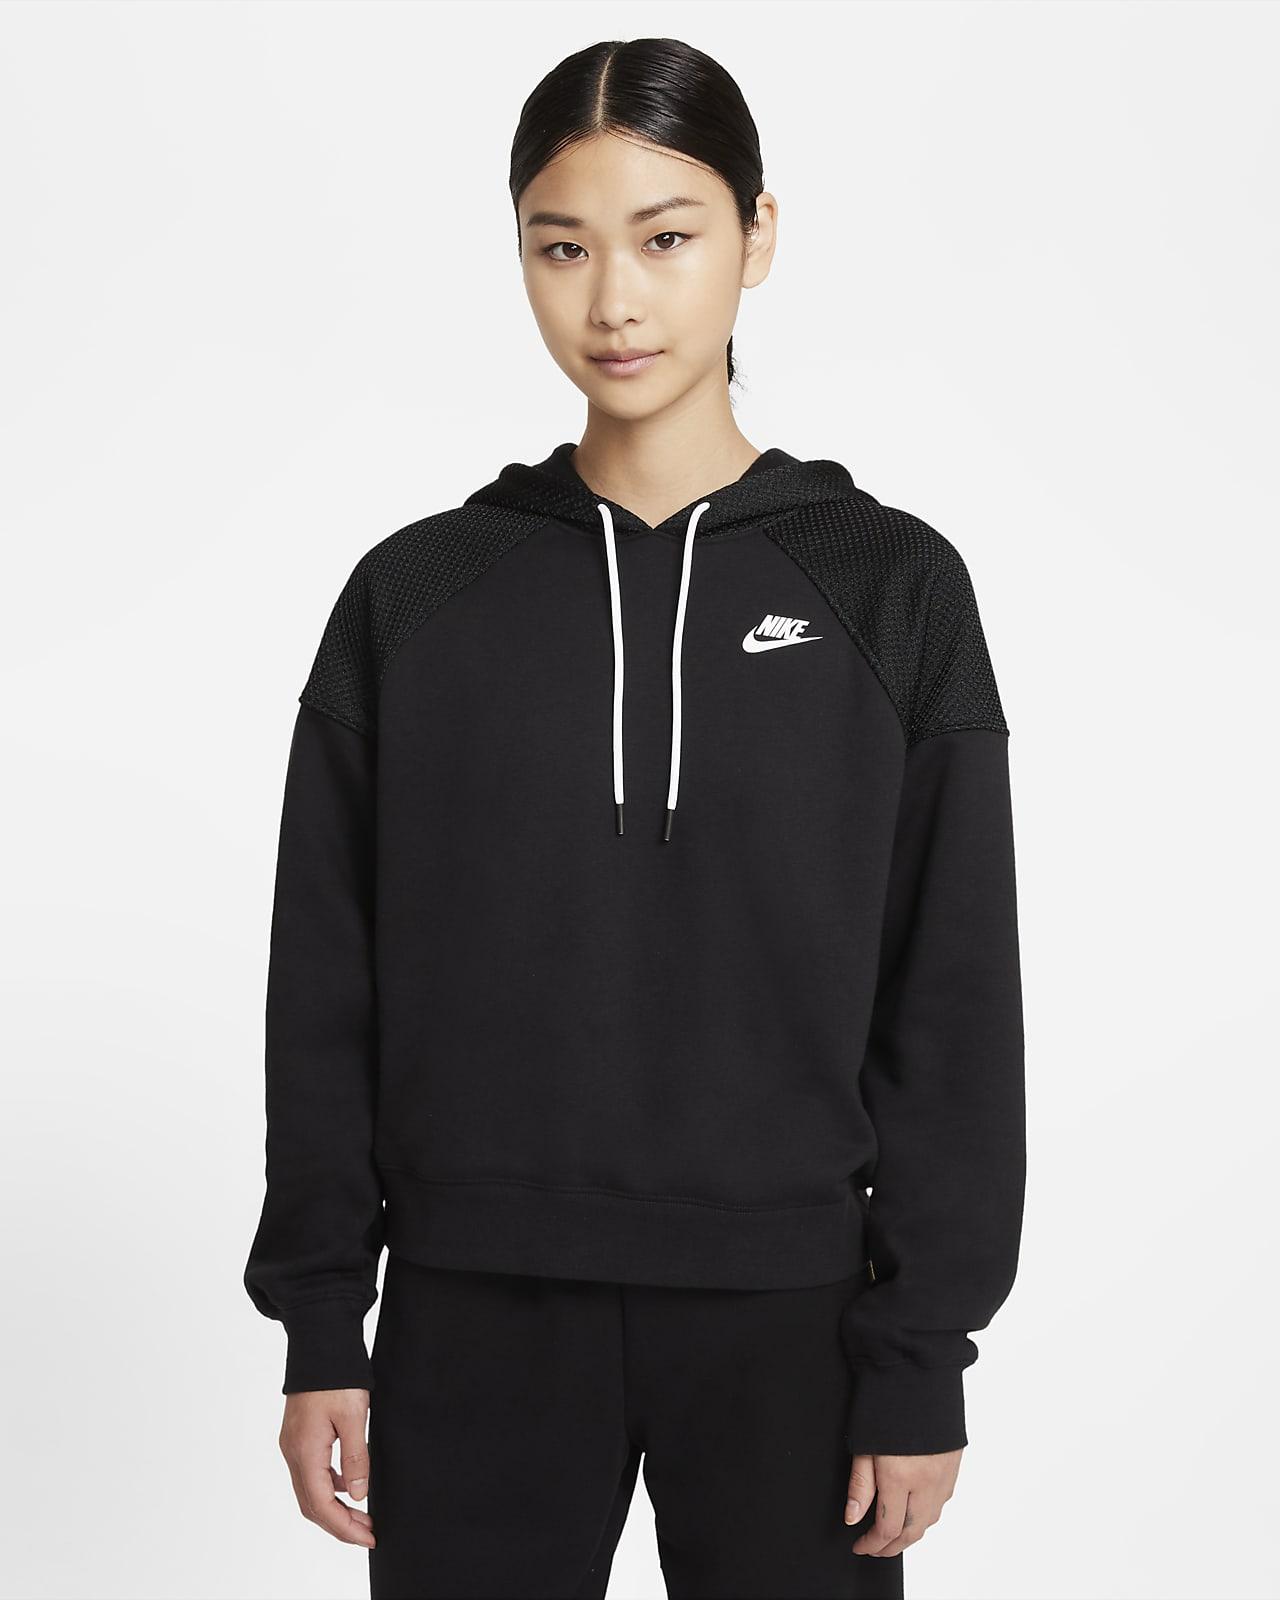 Serena Design Crew Women's Fleece Tennis Hoodie